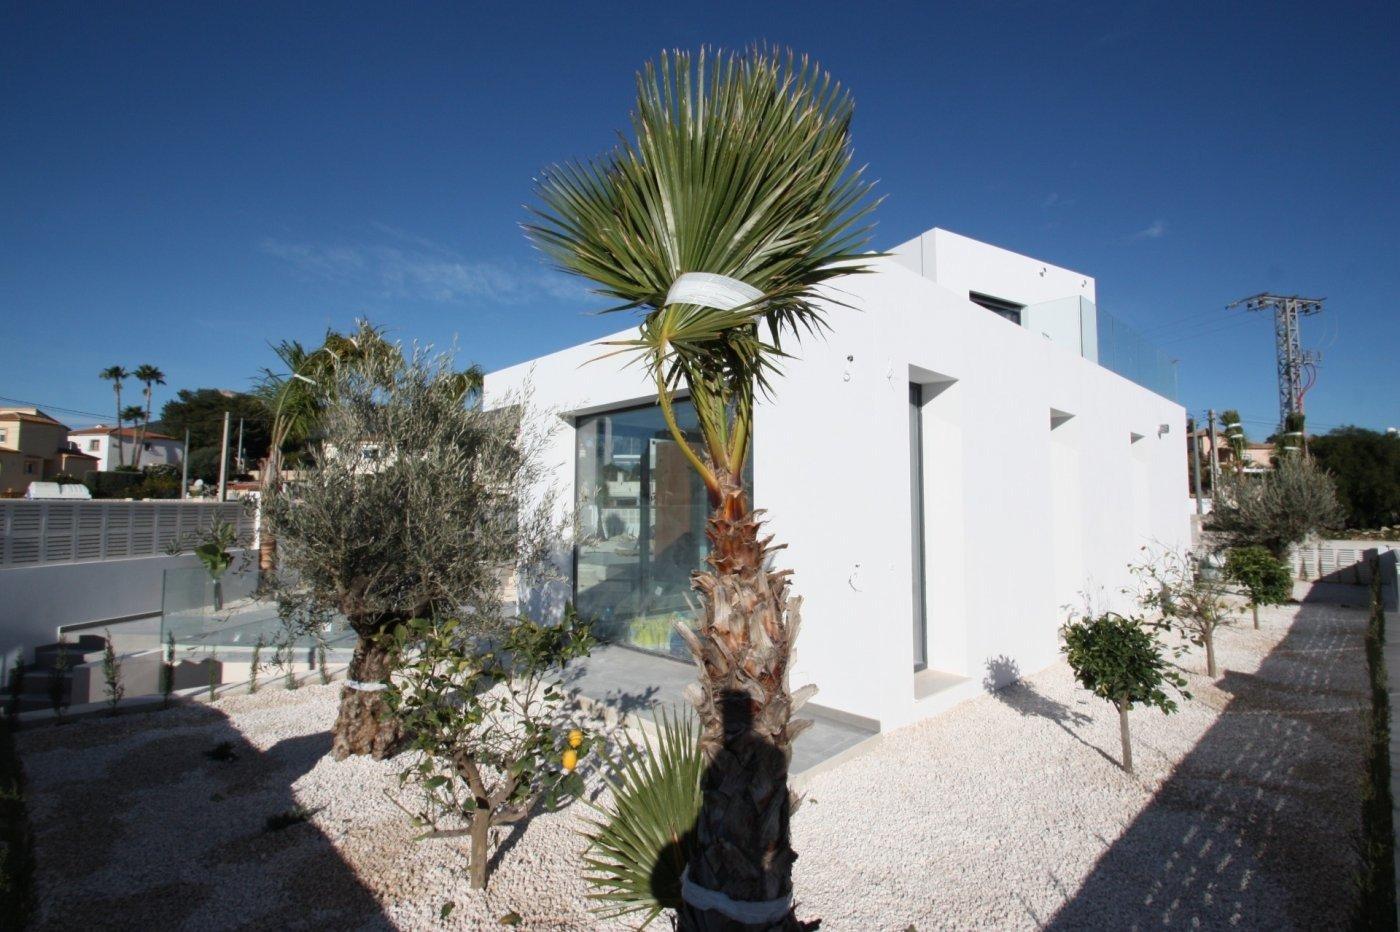 Villa de obra nueva de estilo moderno en venta en calpe a 600 m de la playa - imagenInmueble15